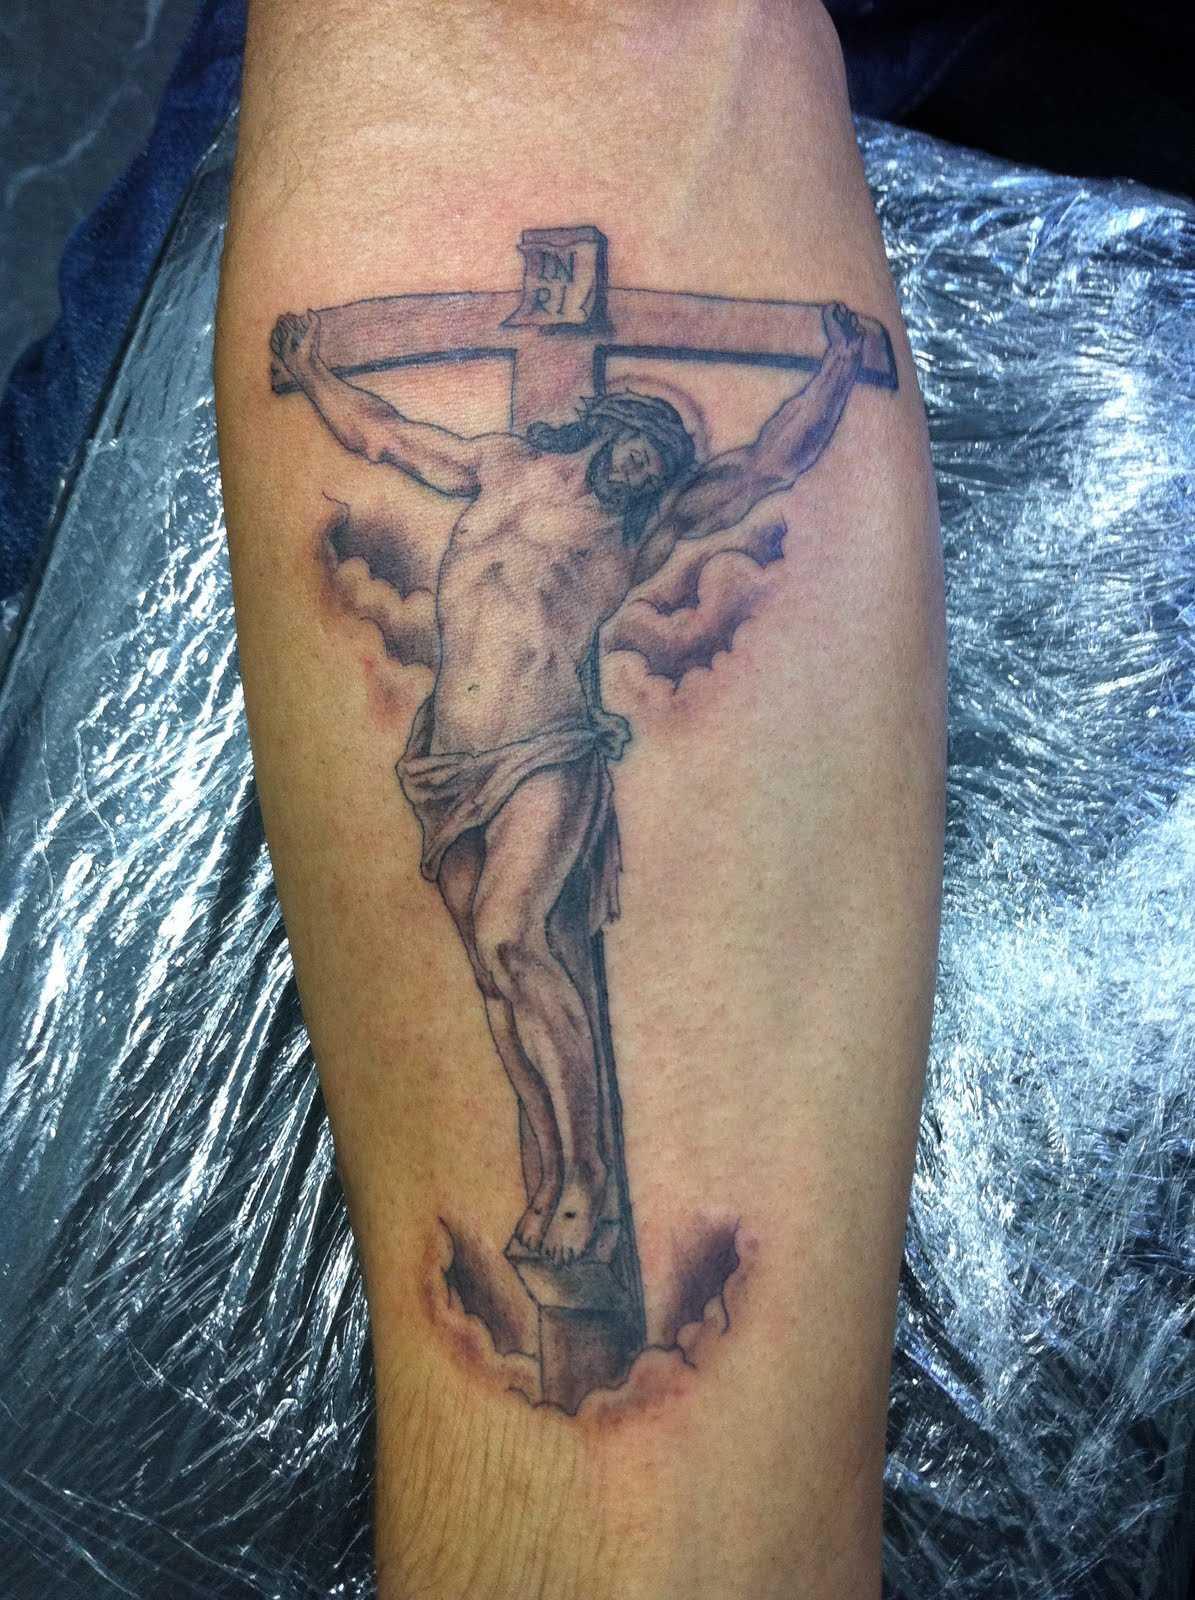 Tatuagem no antebraço cara - a cruz e o crucificado nele Cristo